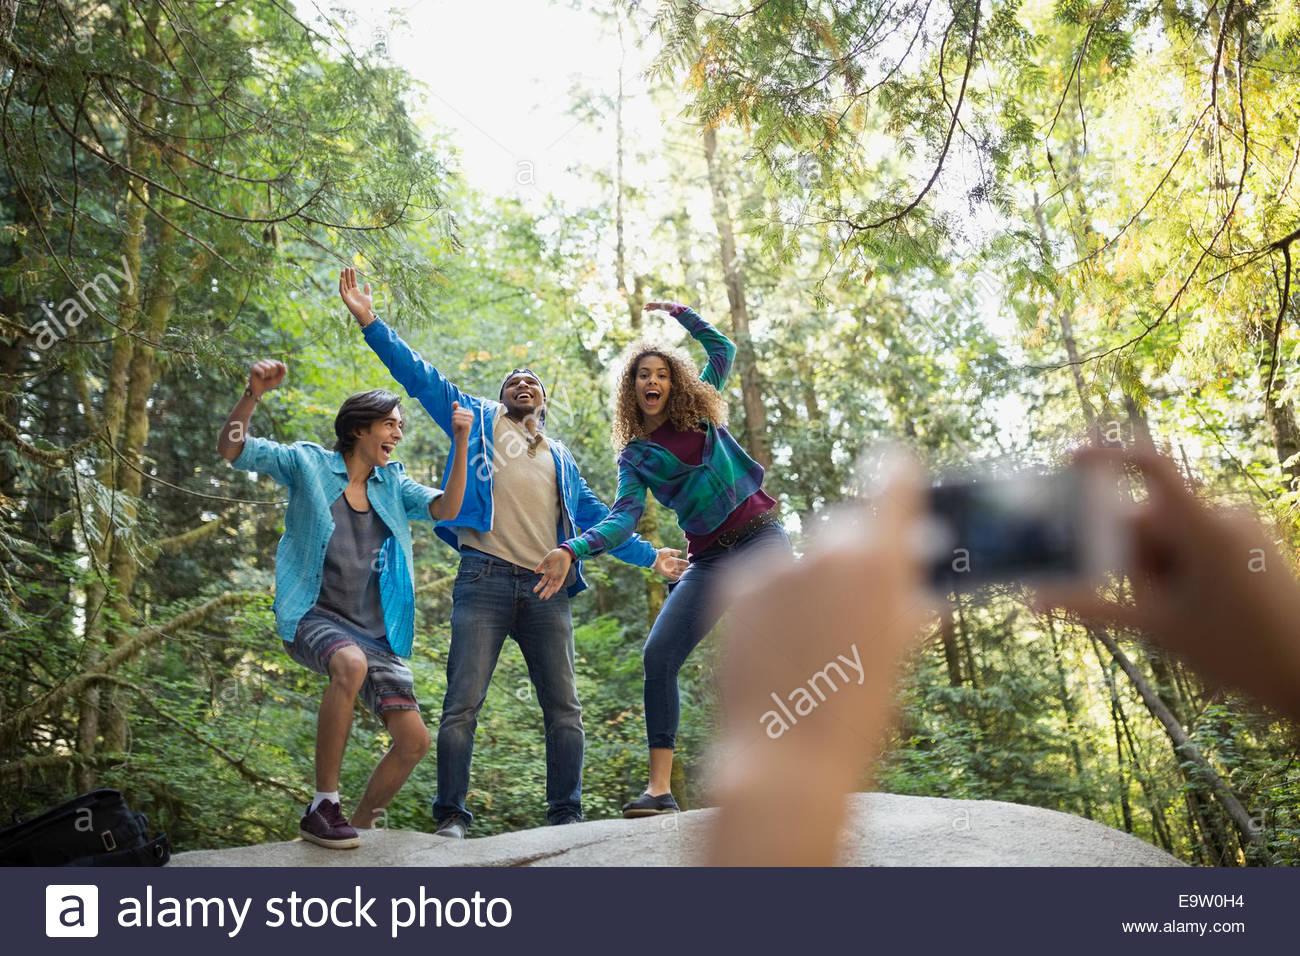 Amigos alegremente posando para fotografía en maderas Imagen De Stock